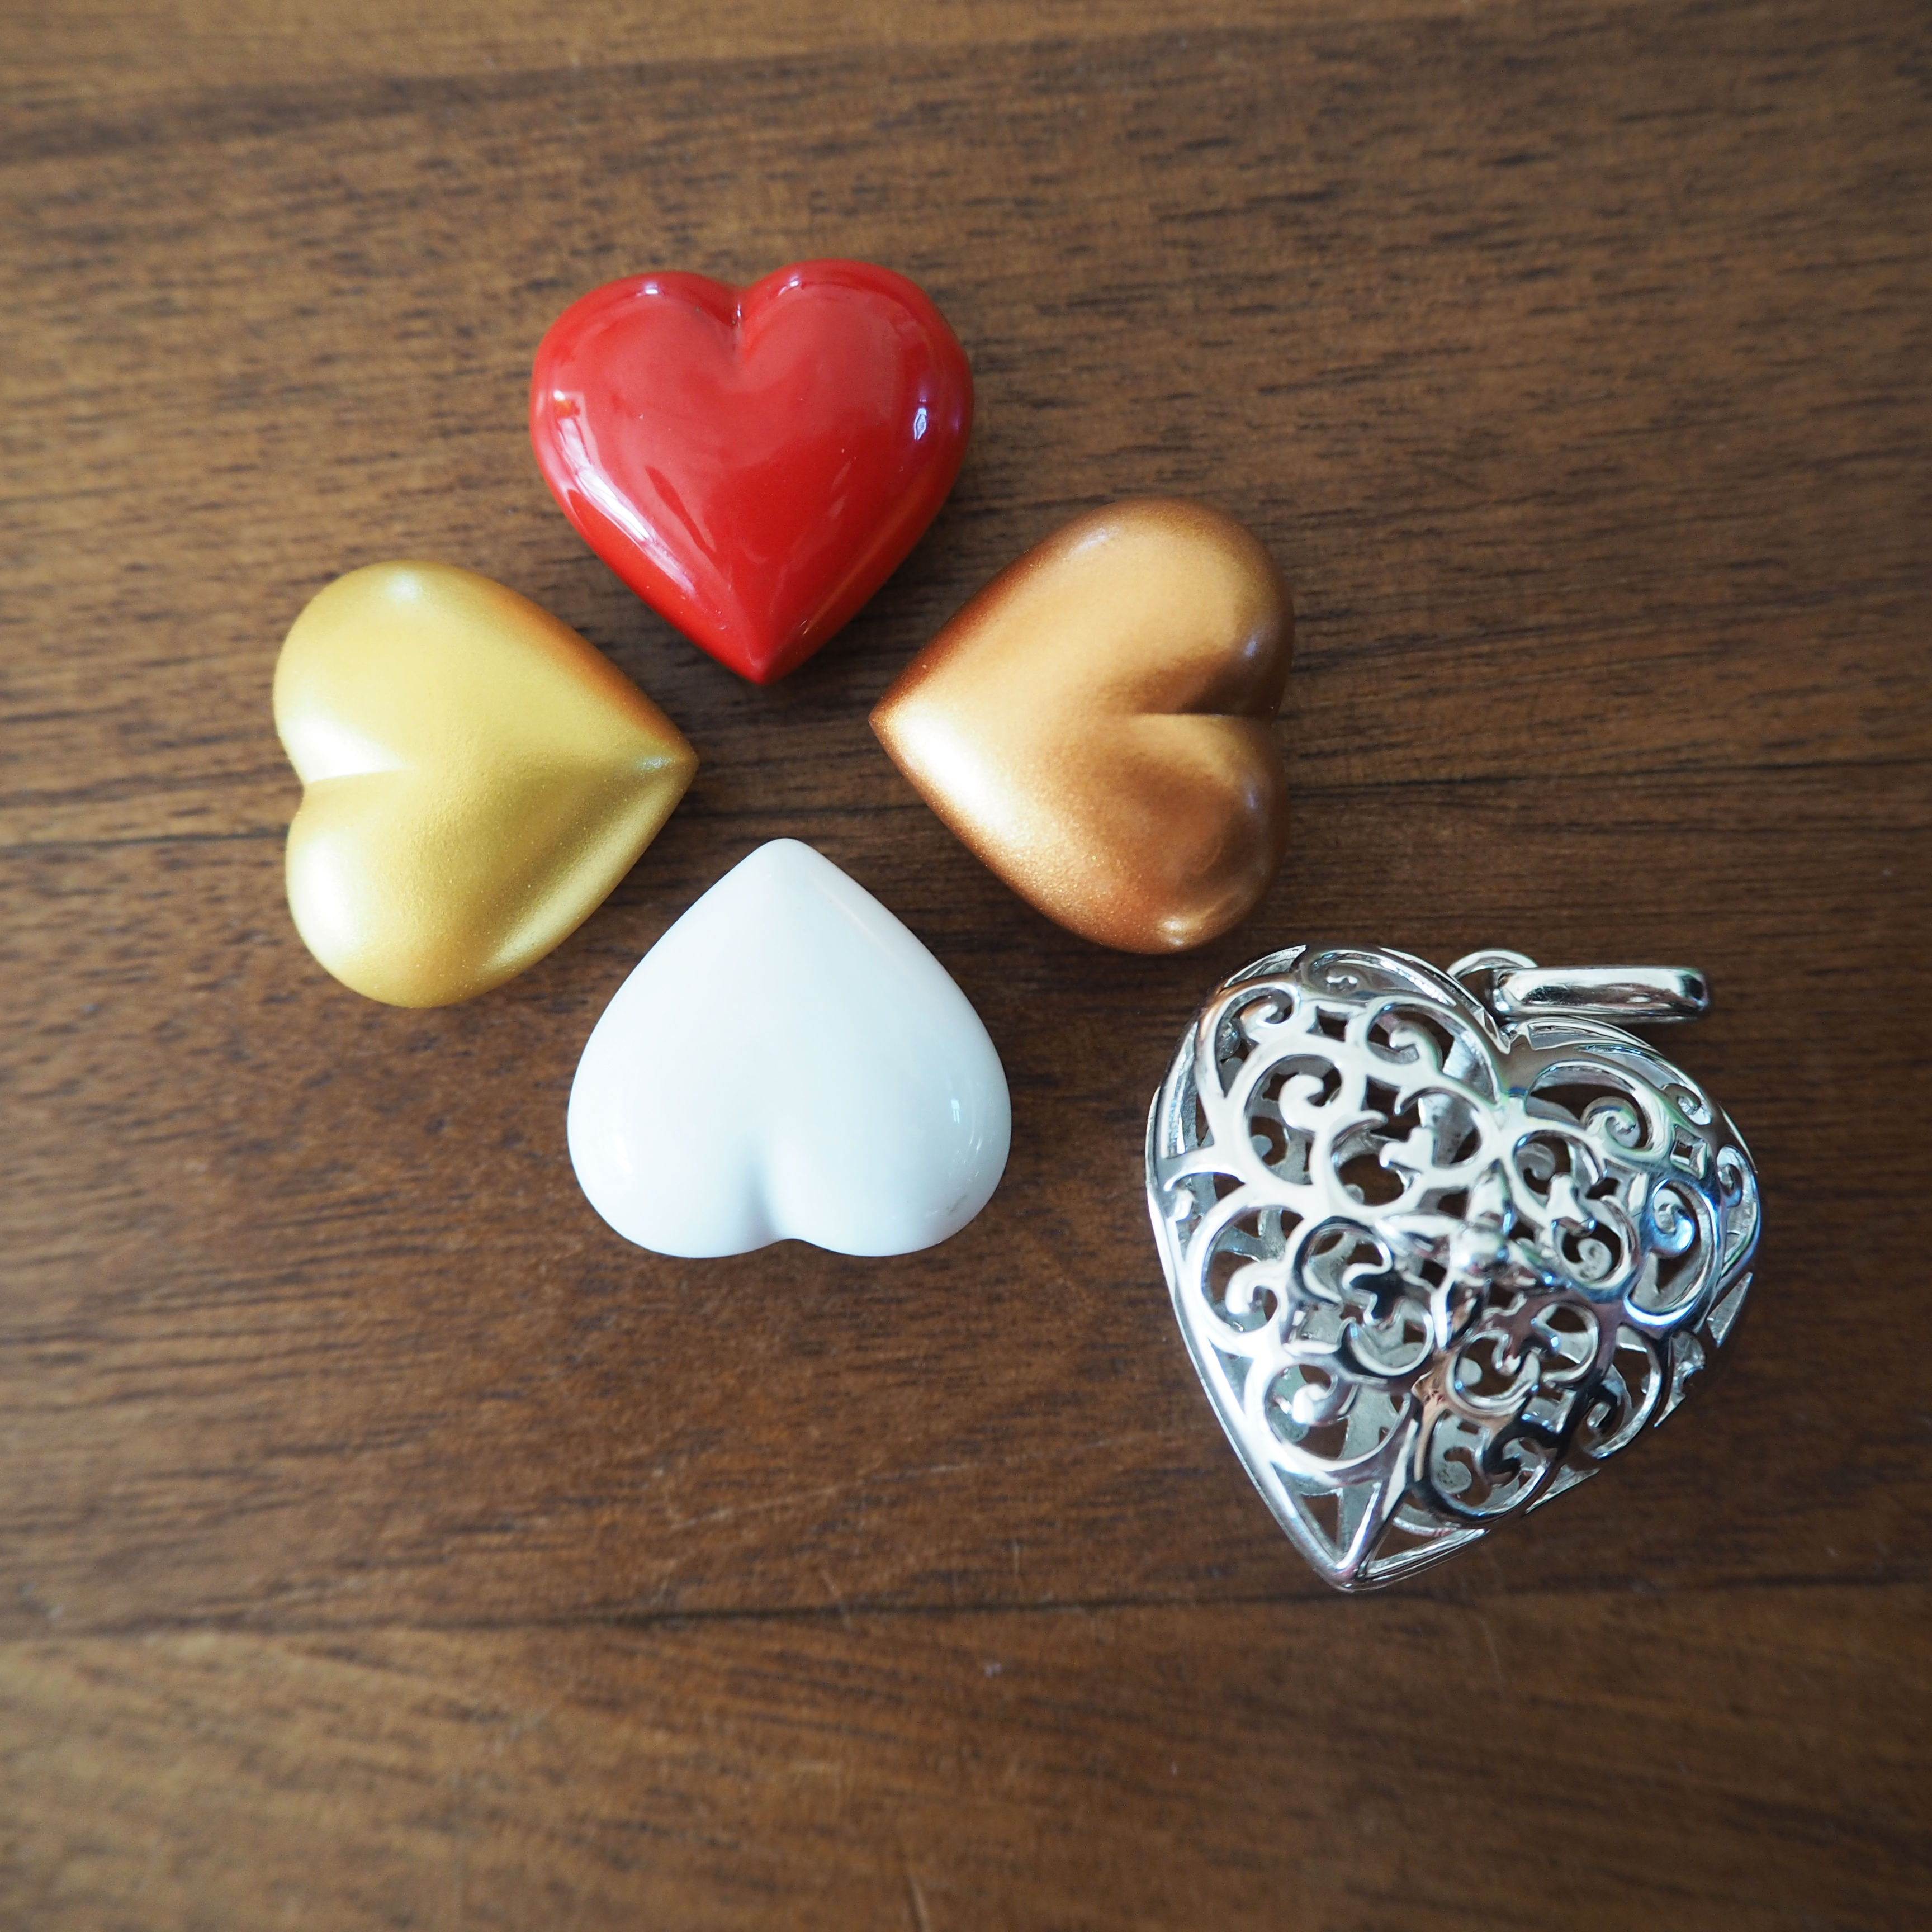 erp-05-heart